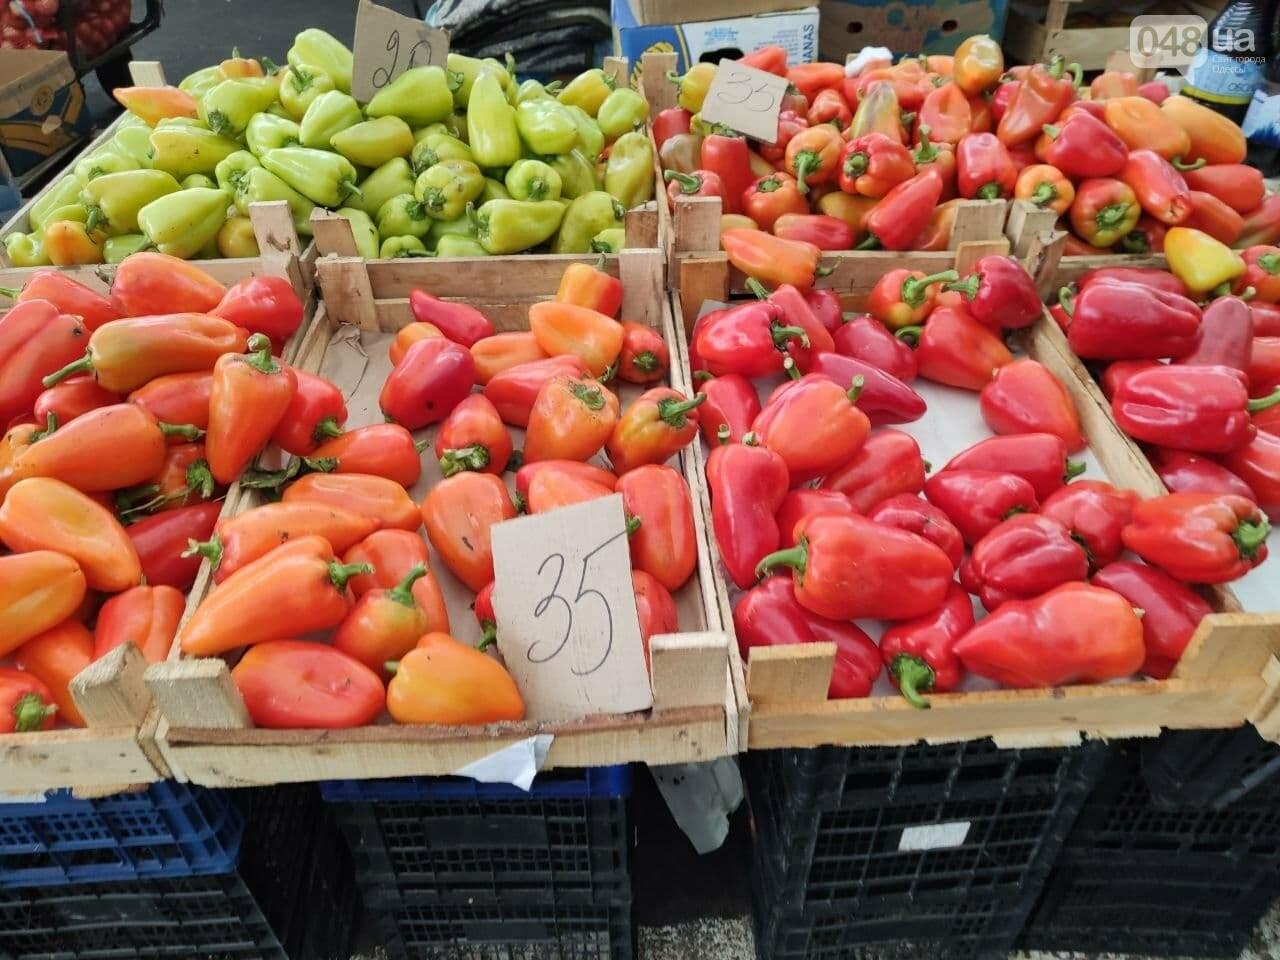 Помело, имбирь, шампиньоны: почем на одесском Привозе овощи и фрукты, - ФОТО, фото-1